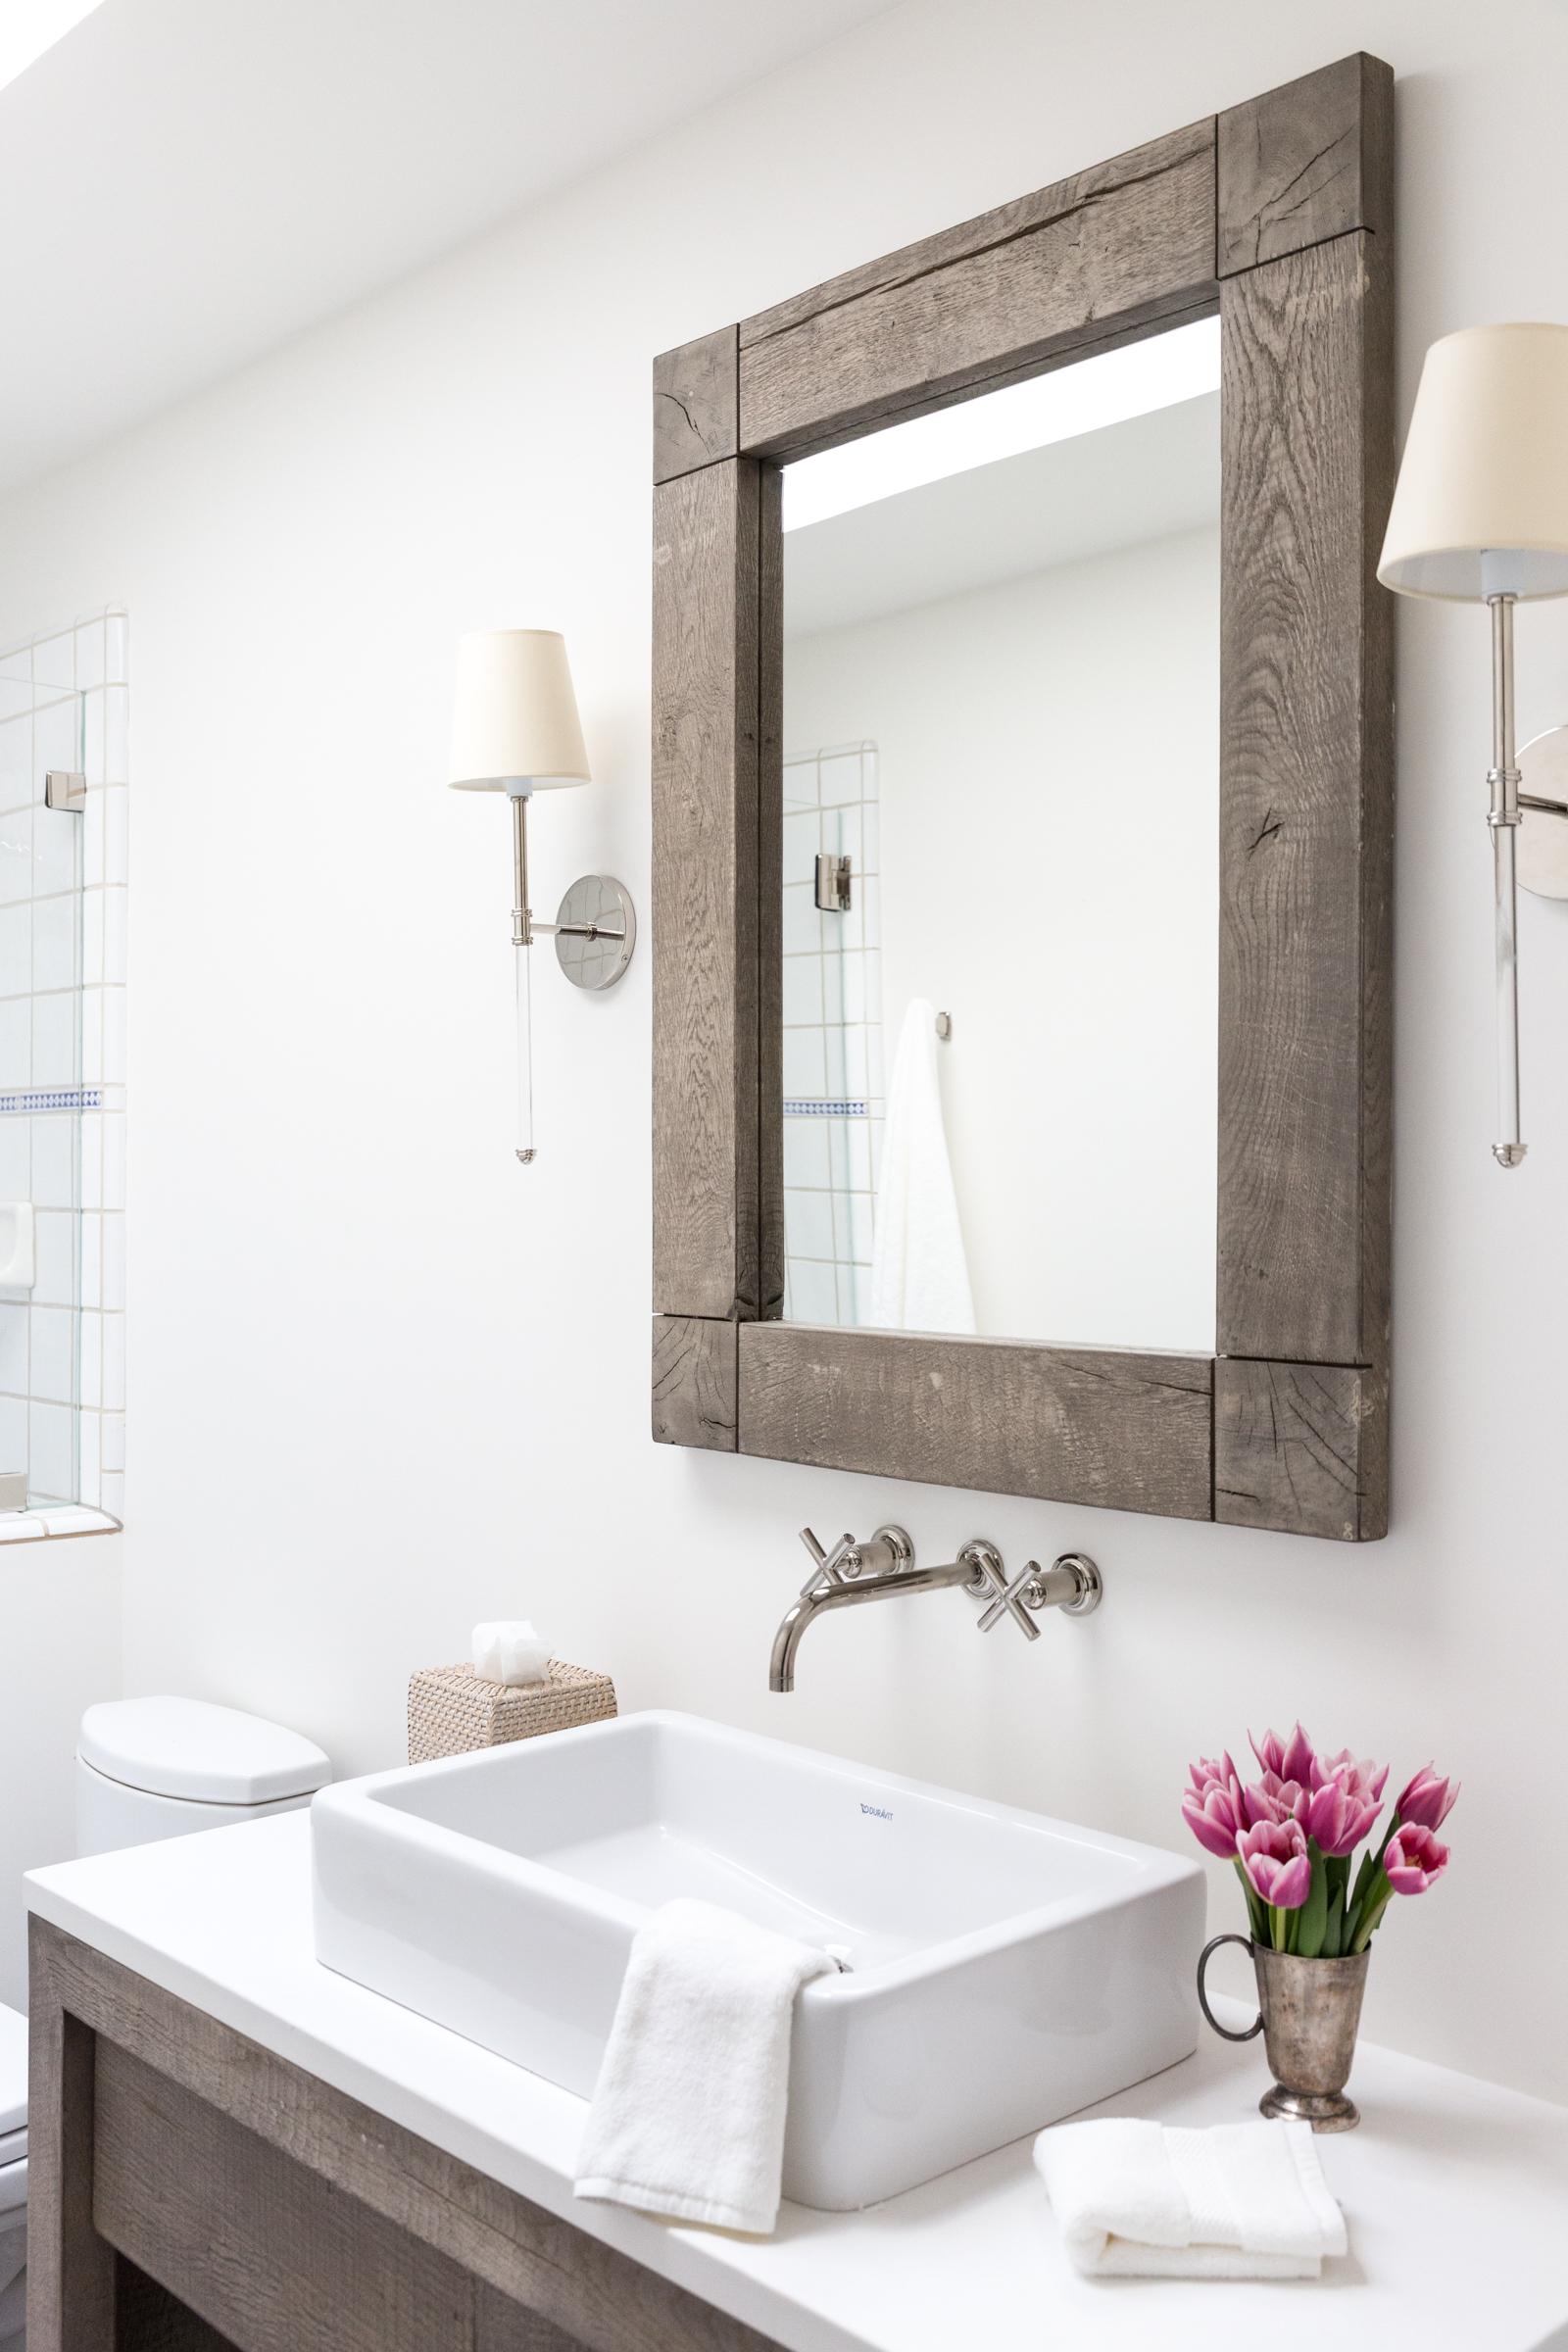 celeste_bathrooms-17.jpg